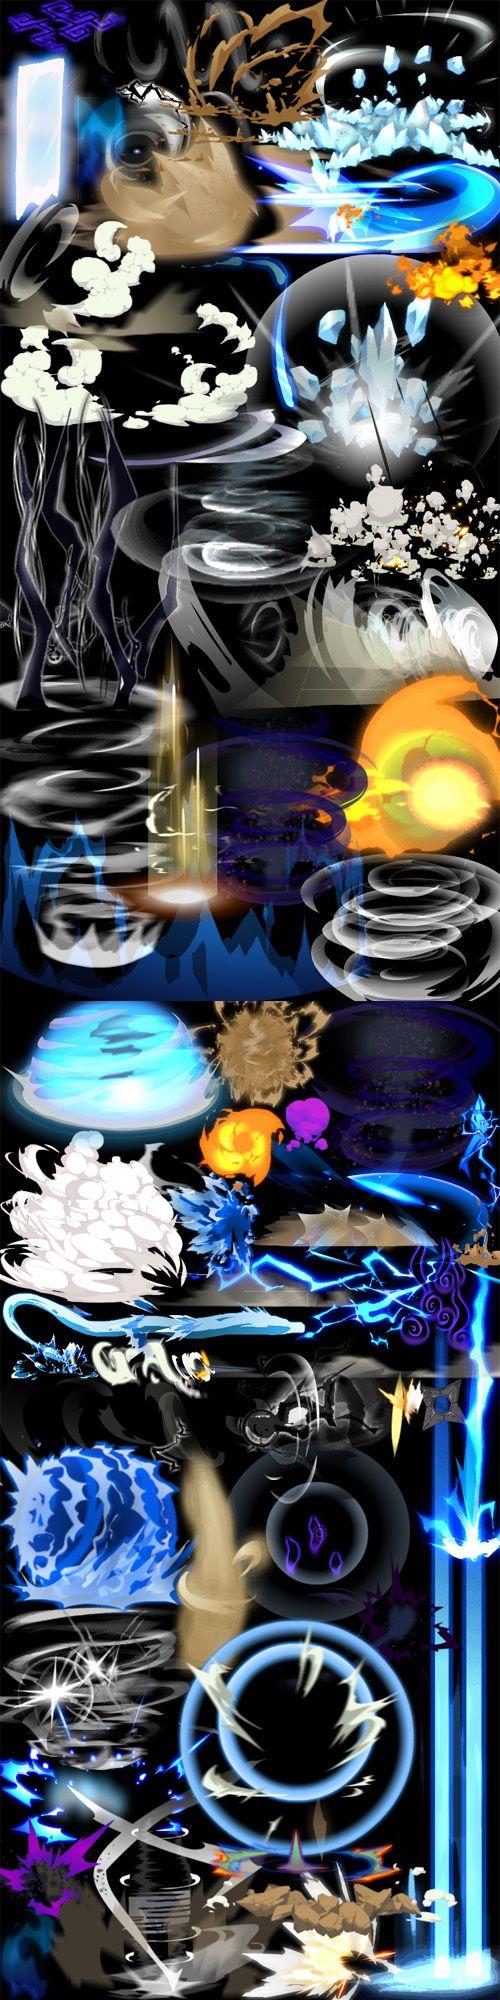 超赞的卡通手游特效 Flash